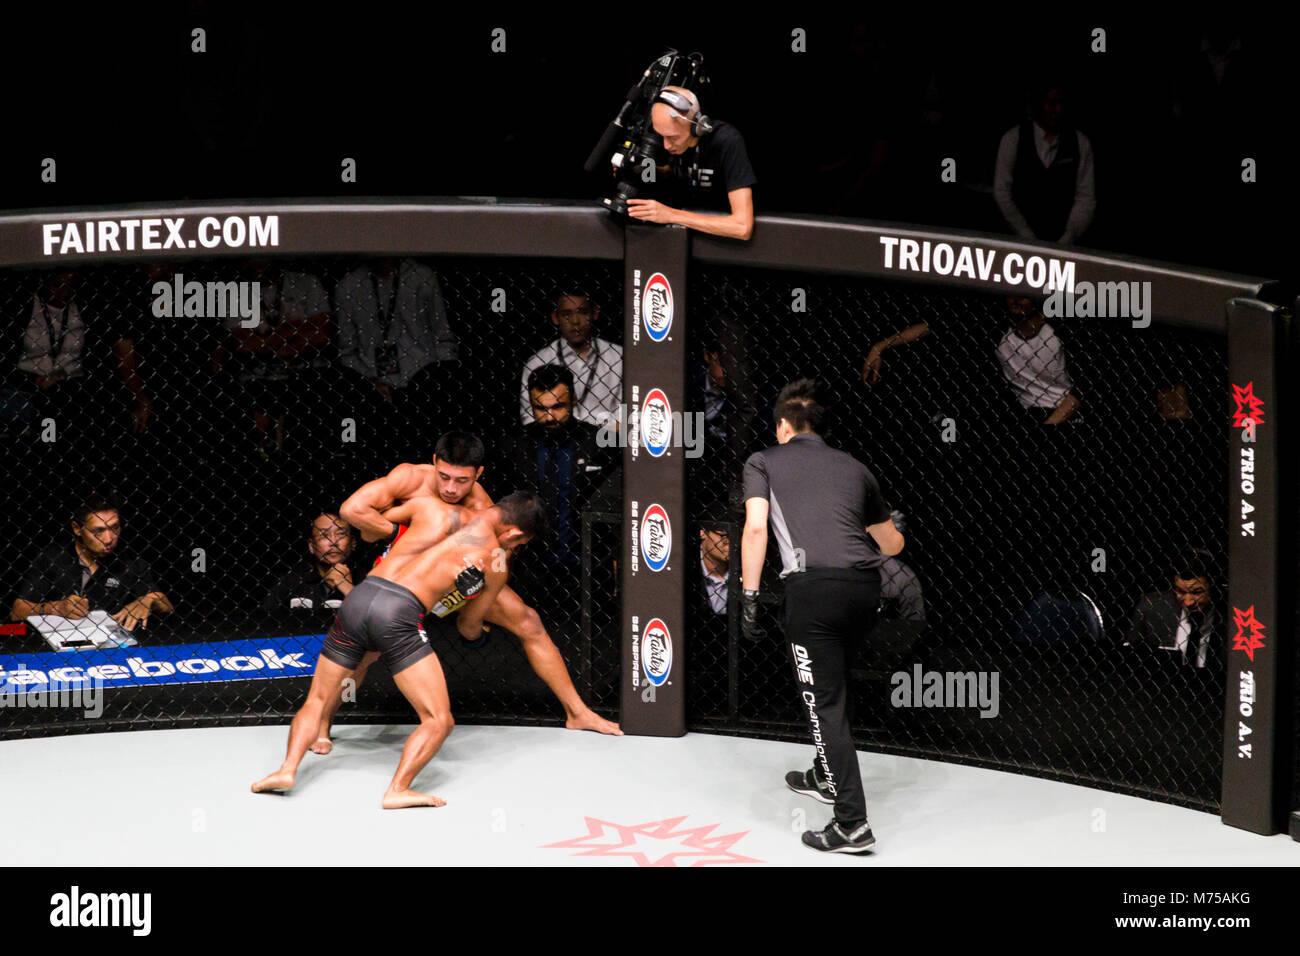 Bangkok, Tailandia. - 17 Gennaio 2018 : unidentified pugili stanno combattendo in gabbia ring sport estremo di mixed martial arts (MMA) corrispondono ad un campionato Foto Stock